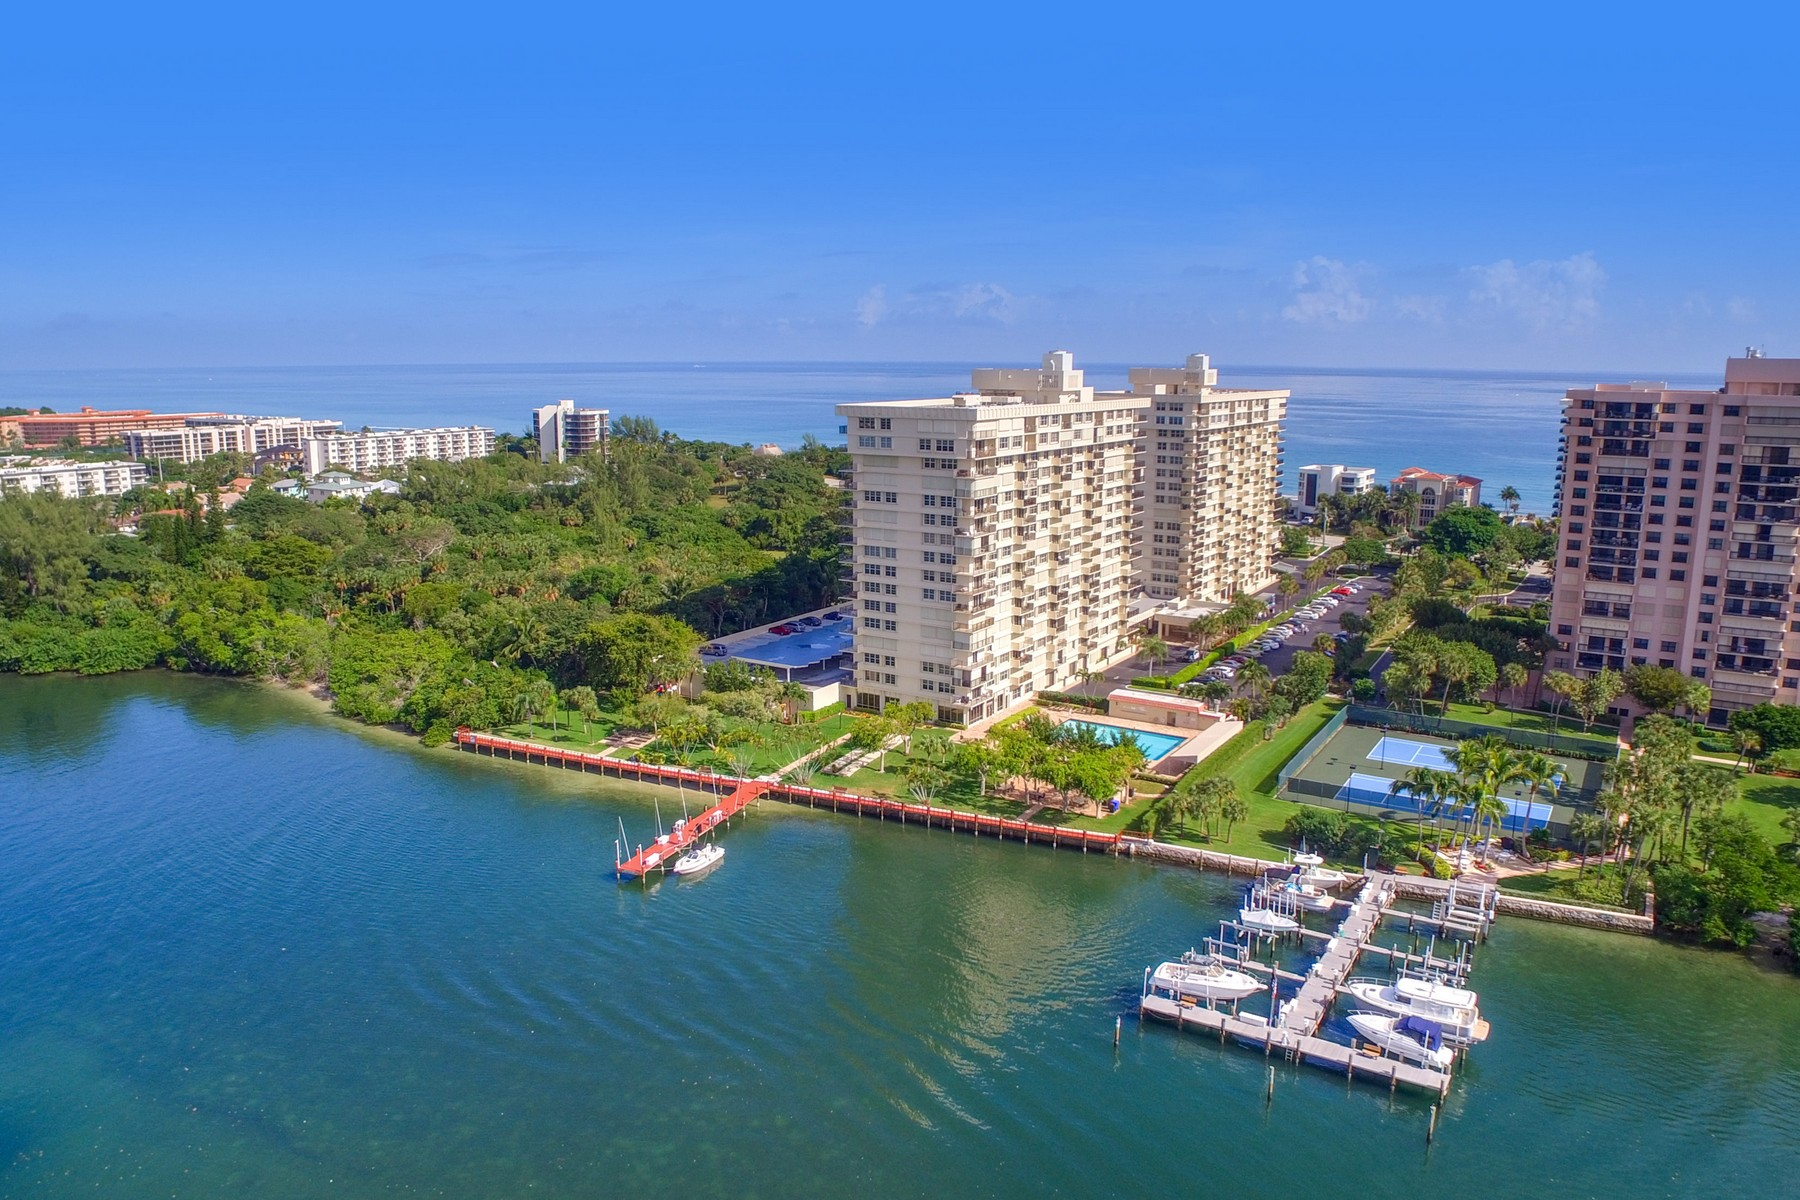 Condomínio para Venda às 2121 N Ocean Blvd , 508e, Boca Raton, FL 33431 2121 N Ocean Blvd 508e Boca Raton, Florida, 33431 Estados Unidos